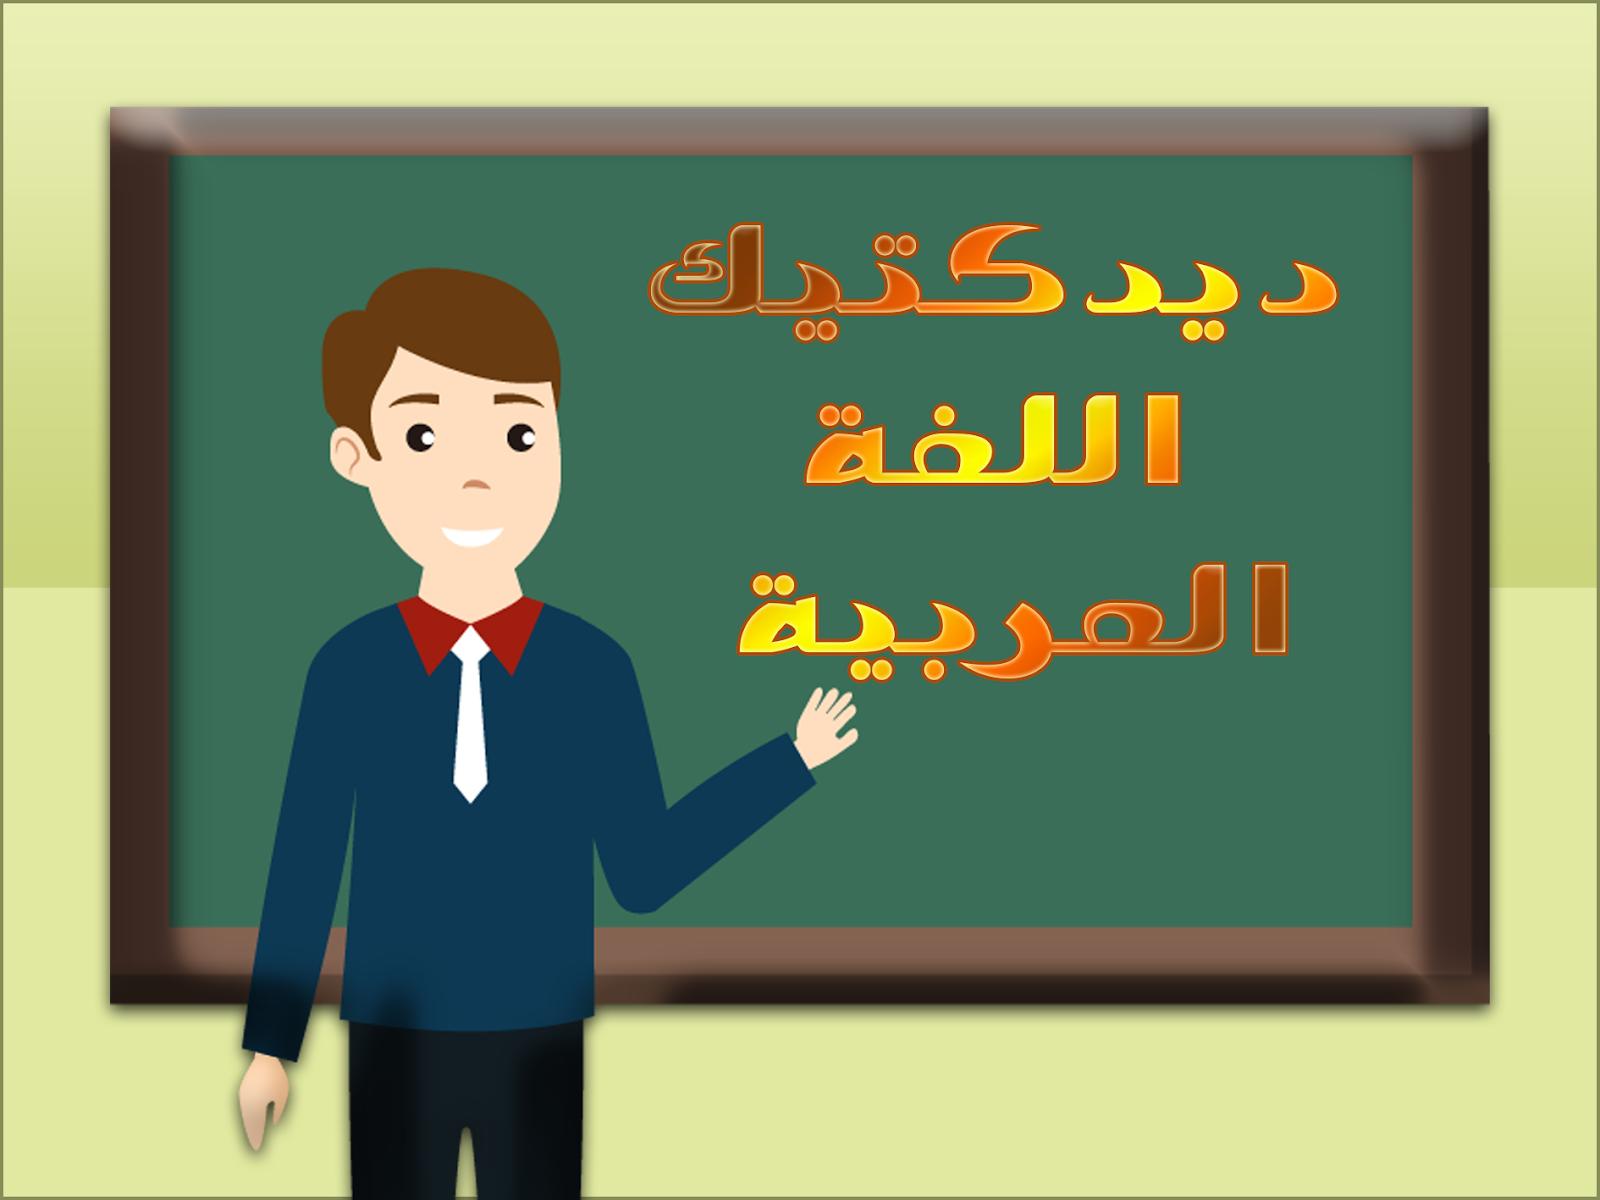 ديدكتيك اللغة العربية بالتعليم الابتدائي